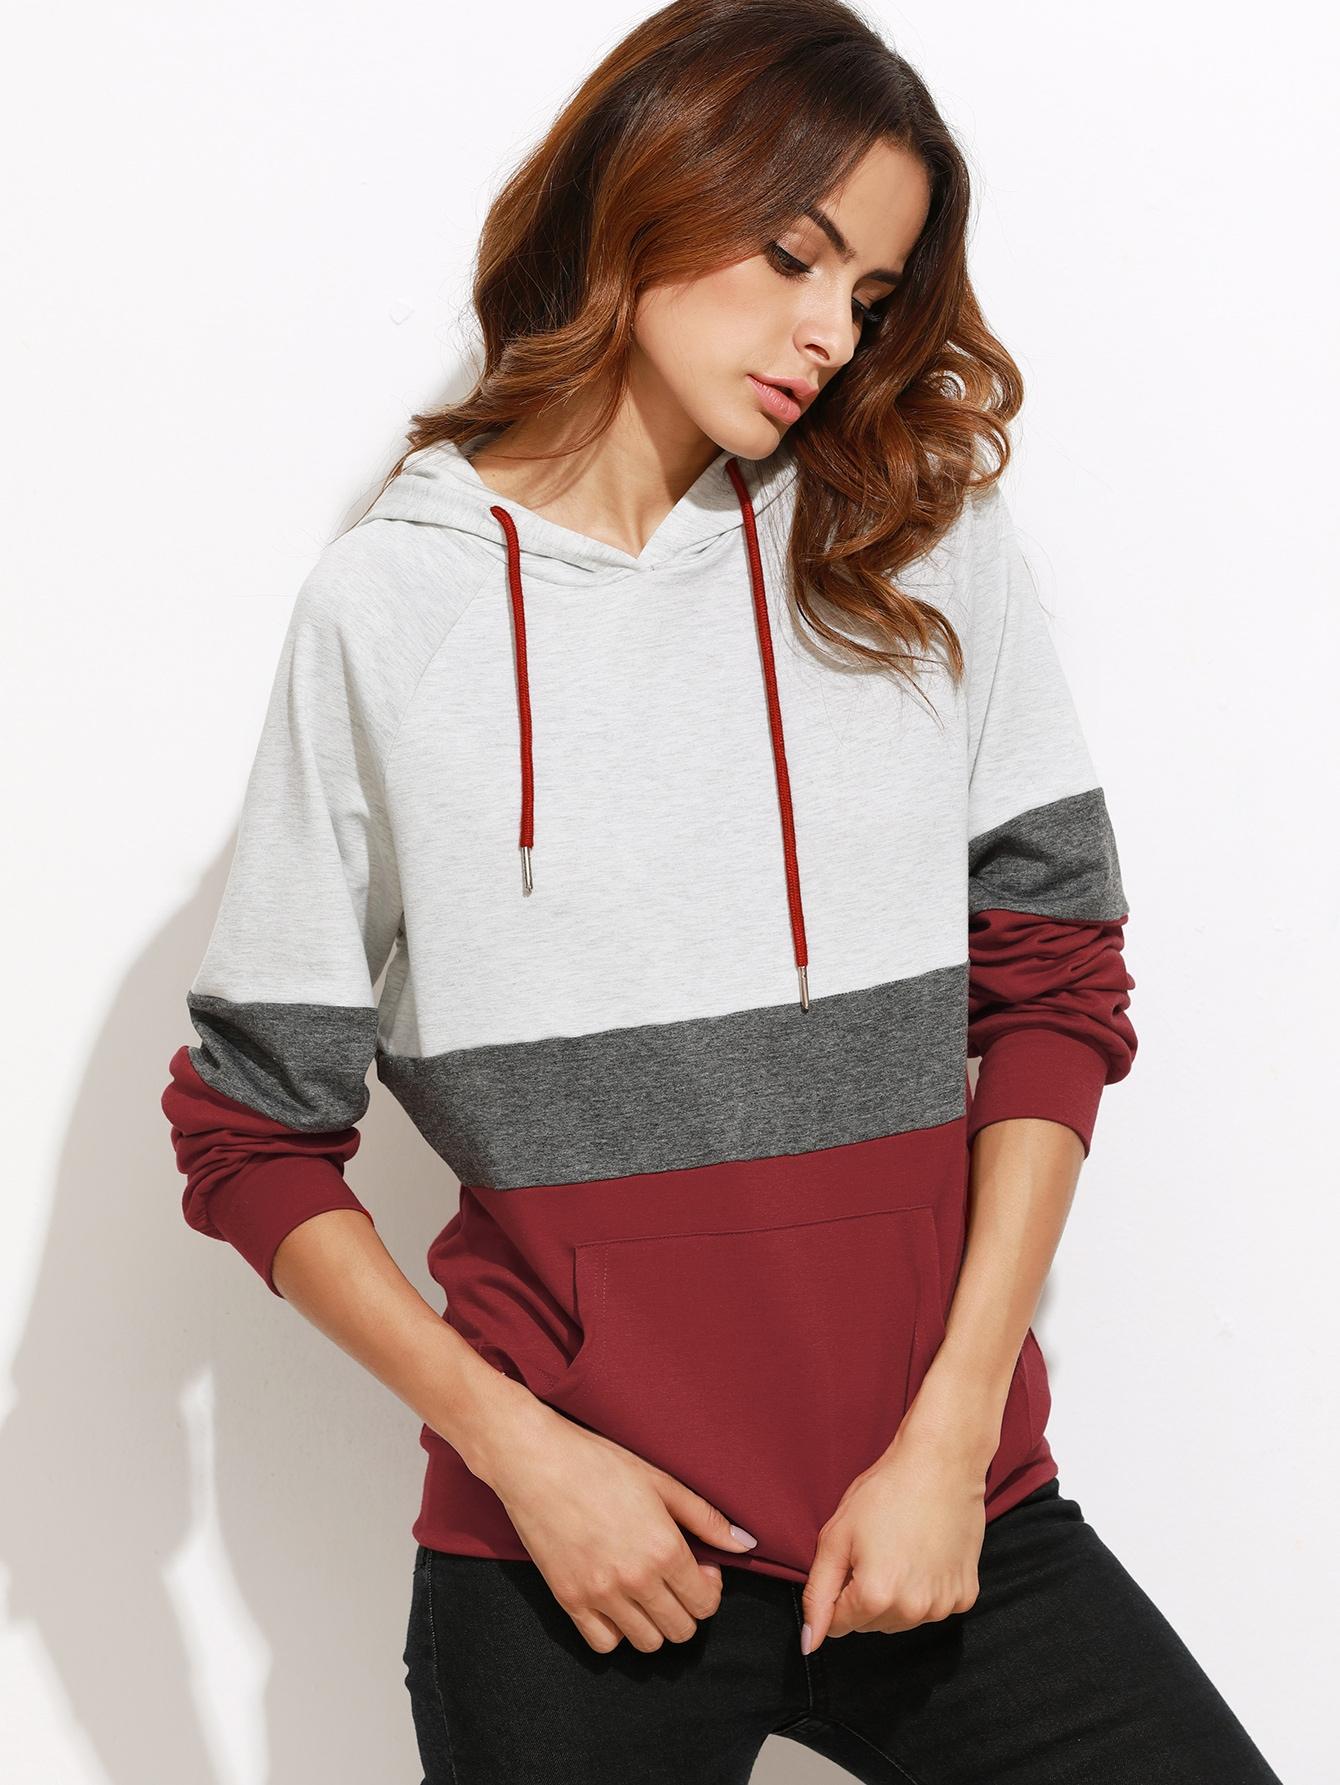 Color Block Raglan Sleeve Hoodie With Pocket sweatshirt160927704